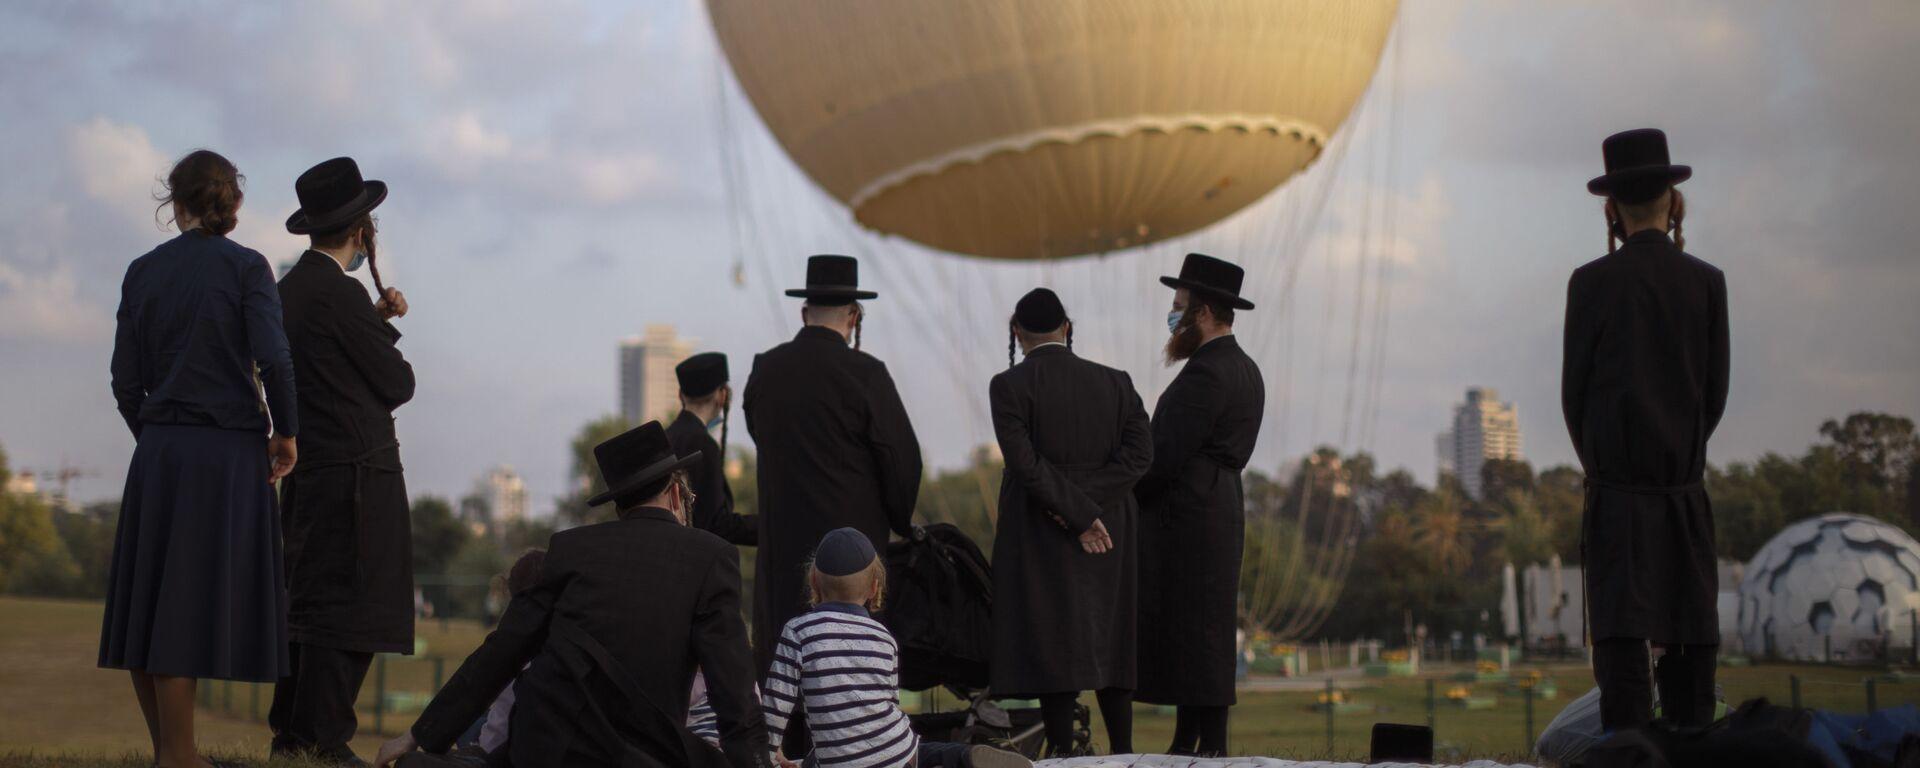 Ortodoksyjni Żydzi w parku w Tel Awiwie - Sputnik Polska, 1920, 15.08.2021